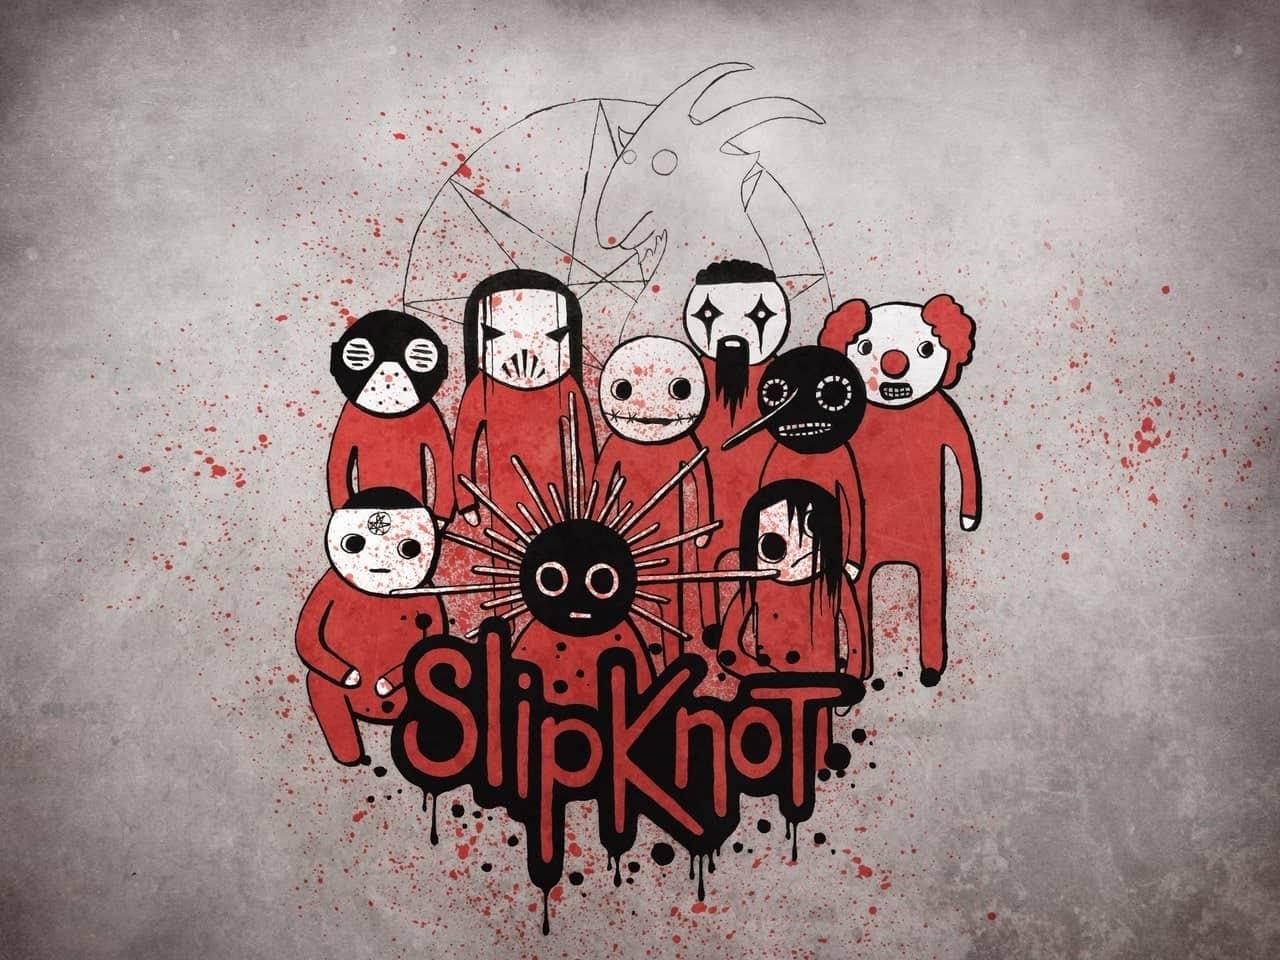 slipknot and metal image